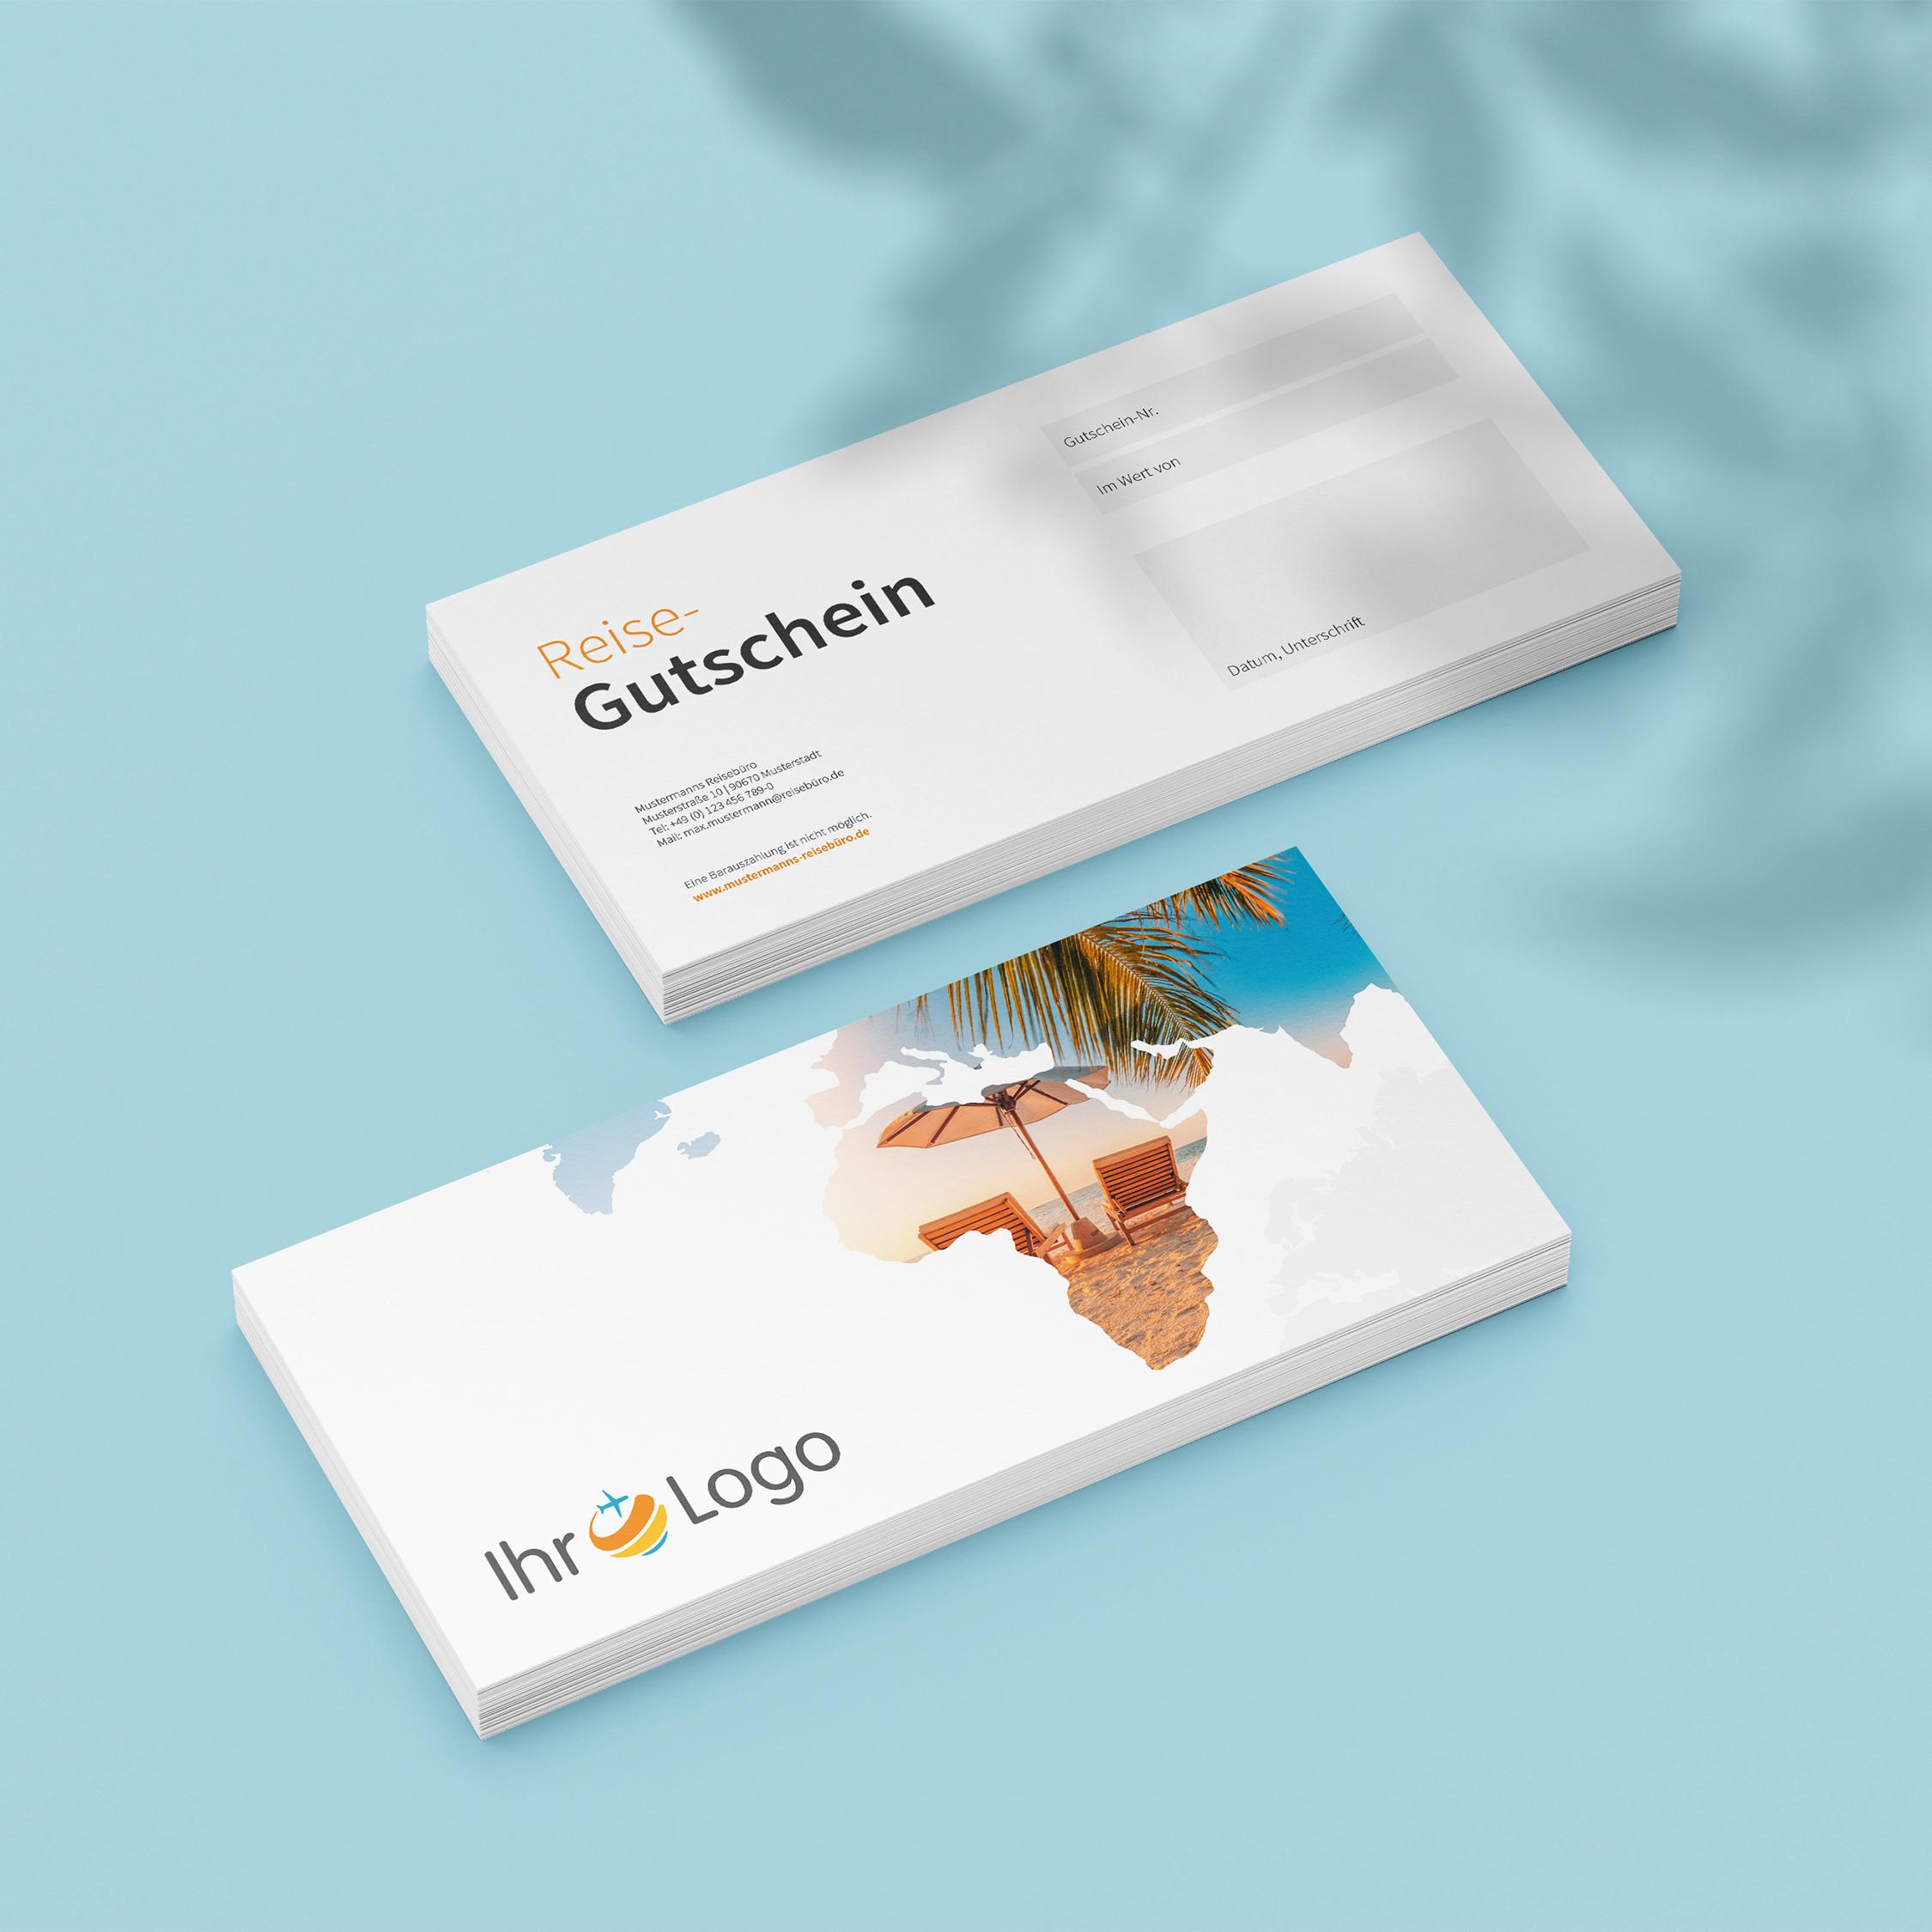 Gutscheine - Design #1